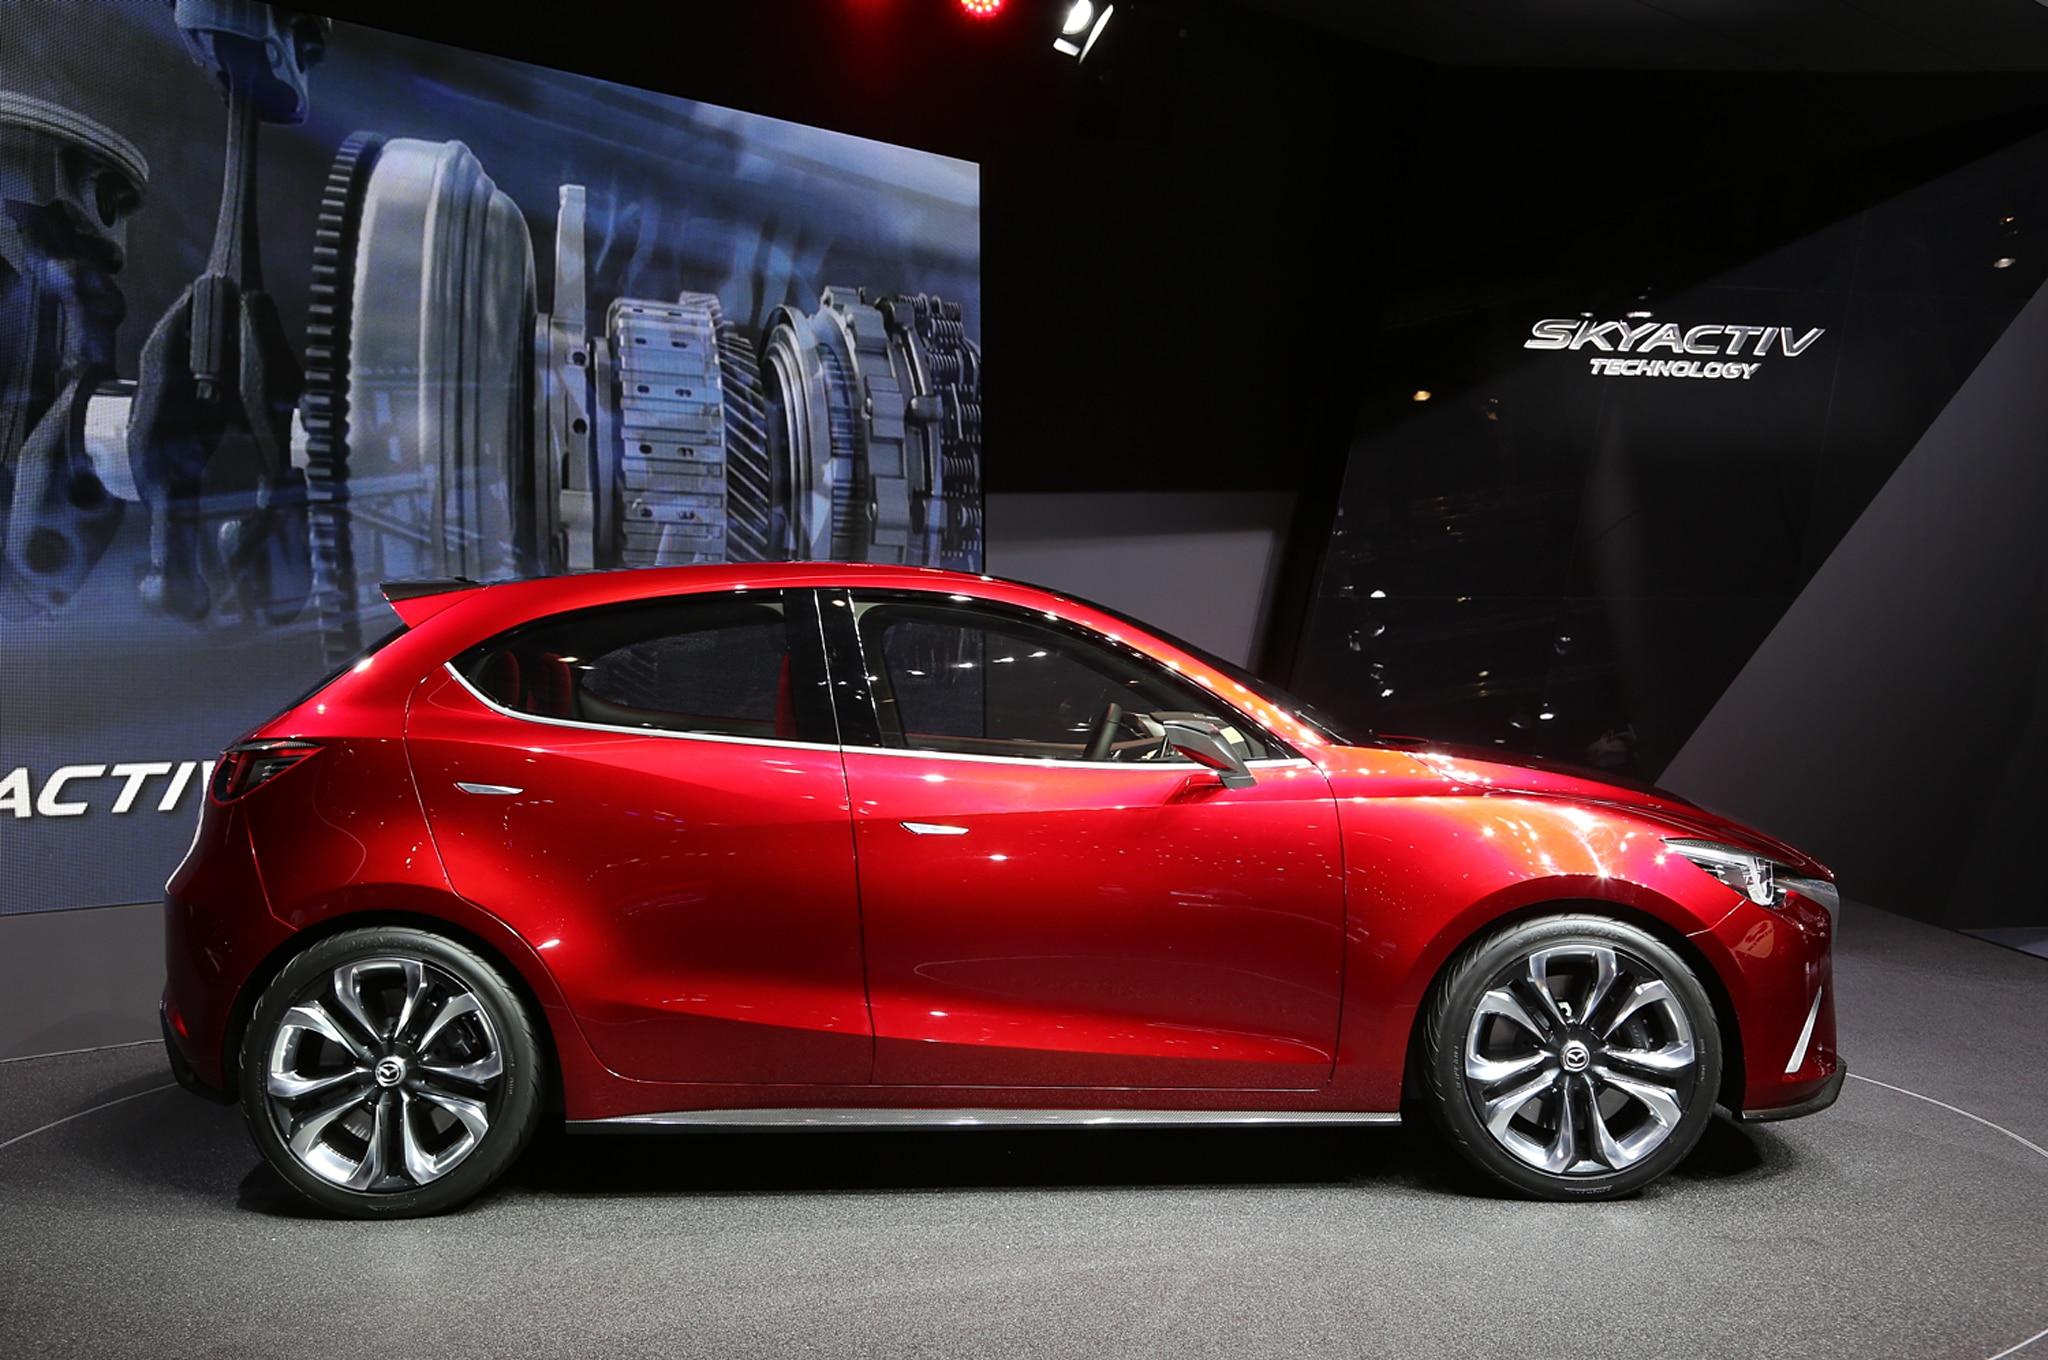 2015 Mazda 2 Subcompact Spied - Automobile Magazine